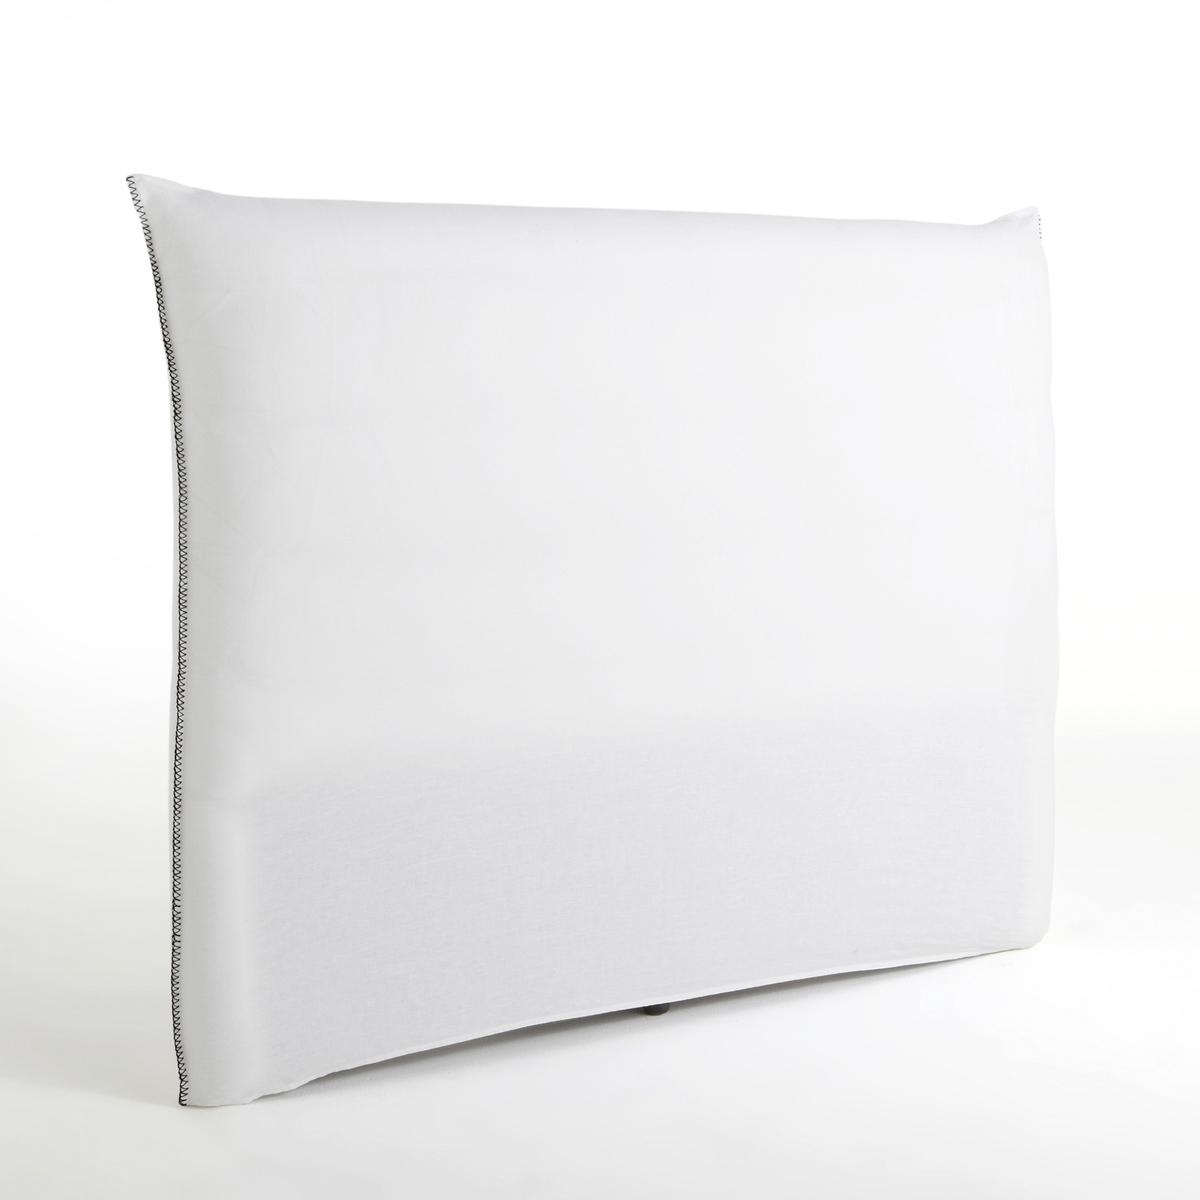 Чехол для изголовья кровати льняной, с отделкой петельным швом, MeresonЧехол льняной Mereson. Специально создан для изголовья кровати Mereson, великолепно сочетается с коллекциями постельного белья Nano и Elina.Лен. Простой уход, легкий жатый и стиранный эффект, мягкий, нежный современный материал, который со временем только становится лучше.Материал : - 100% ленОтделка : - Отделка контрастным петельным швом по бокам.Уход :- Стирка при 40°С.    Размеры  : - Ширина 143 см- Длина :Для кровати T140 см : 184 смДля кровати T160 см : 204 смДля кровати T180 см : 224 смЗнак Oeko-Tex® гарантирует отсутствие вредных для здоровья веществ в протестированных и сертифицированных изделиях.<br><br>Цвет: белый